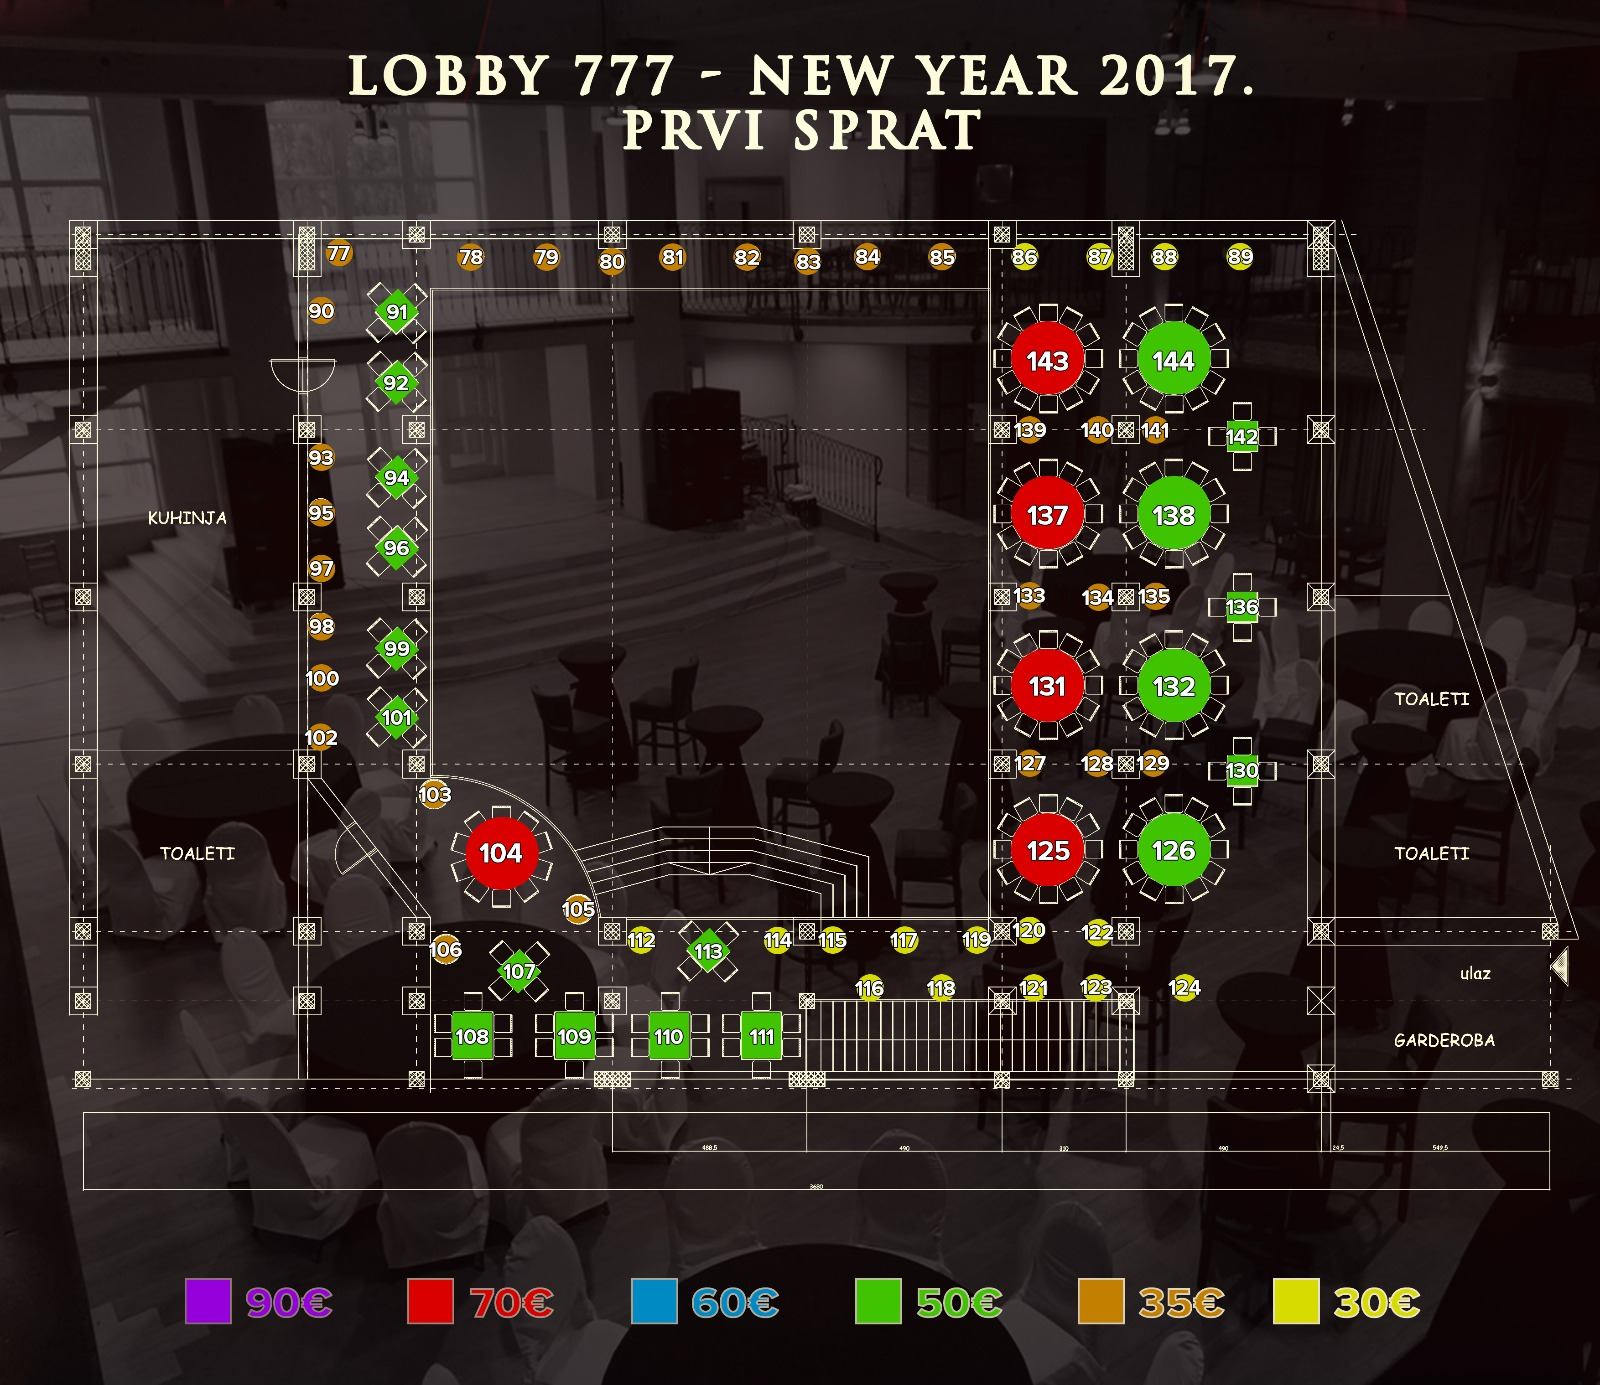 restoran lobby 777 mapa sedenja